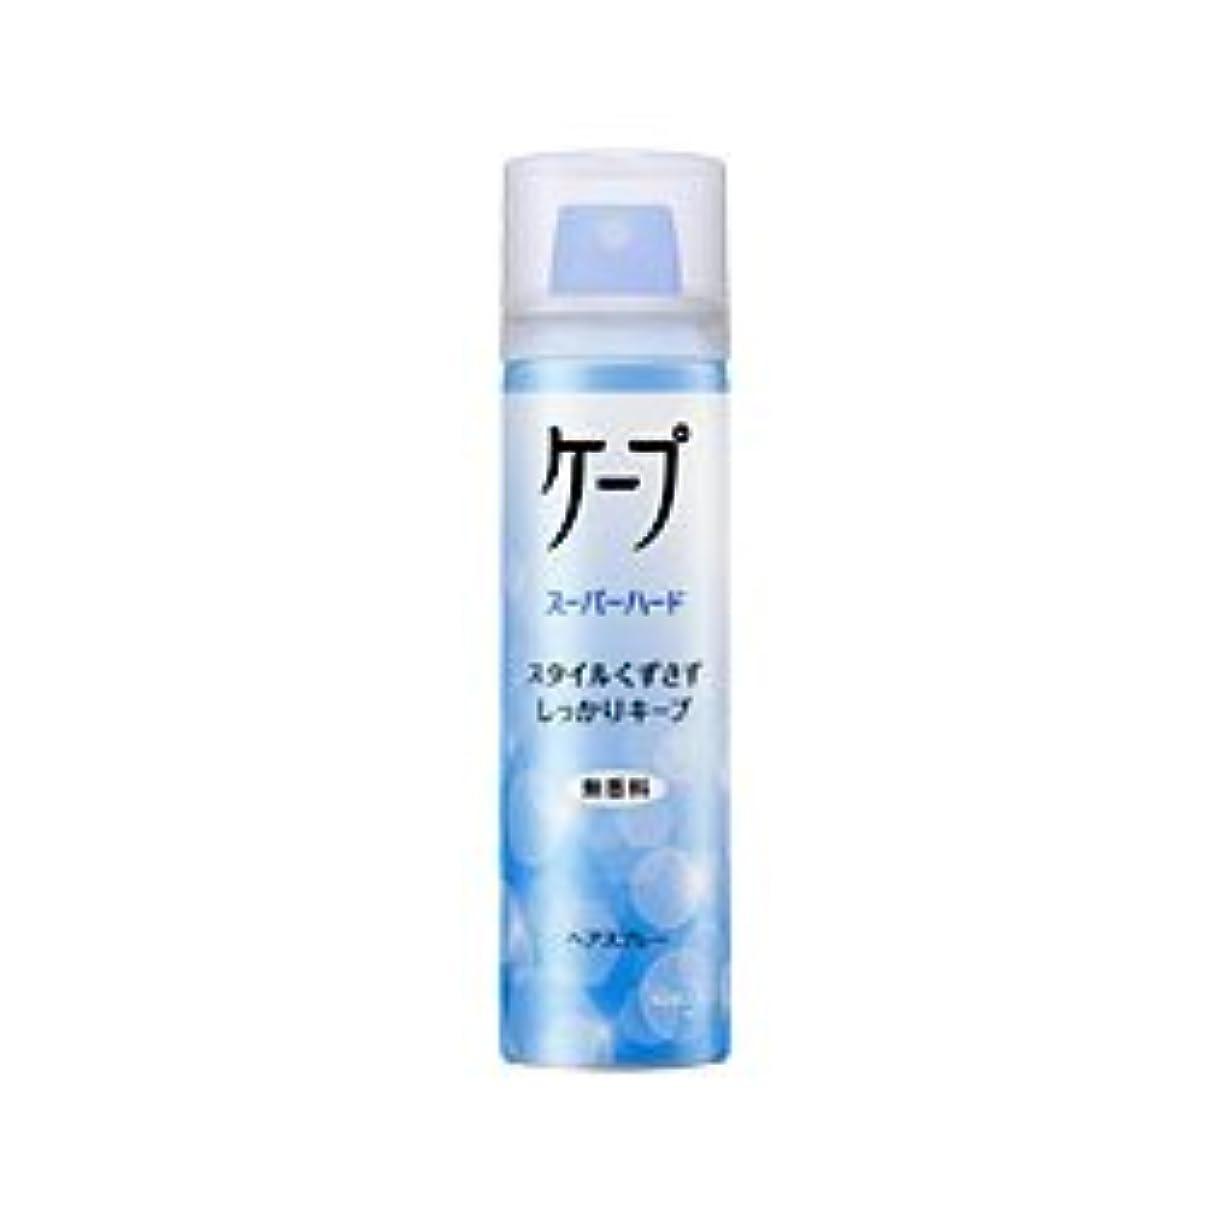 ベンチわかる取り扱い【花王】ケープ スーパーハード 無香料 50g ×5個セット